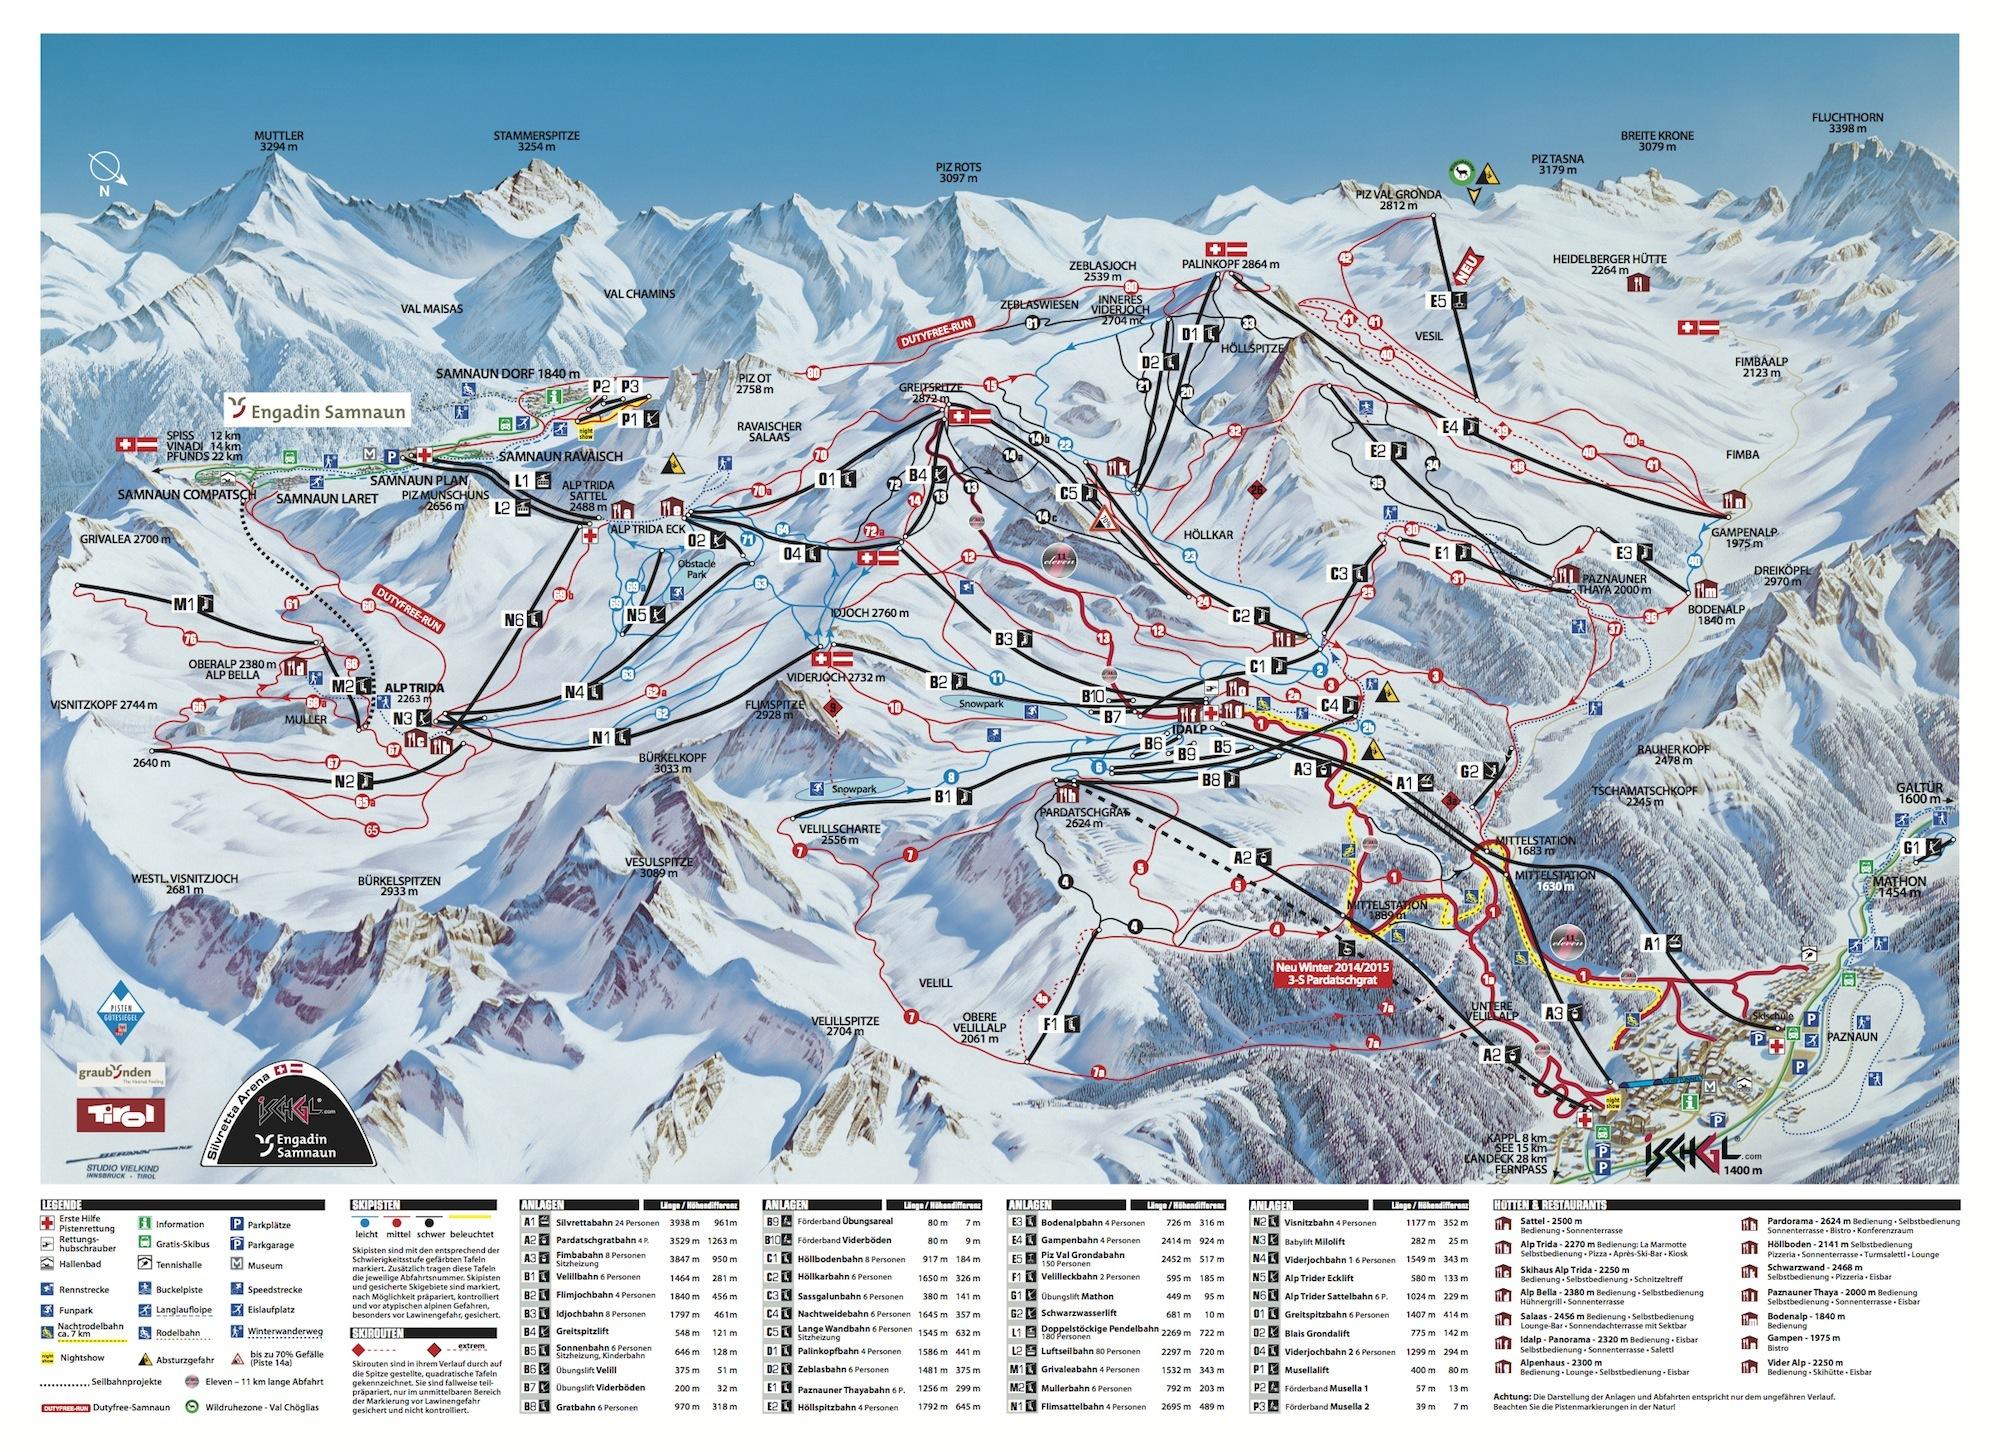 Отдых зимой - Австрия, карта горнолыжных трасс.